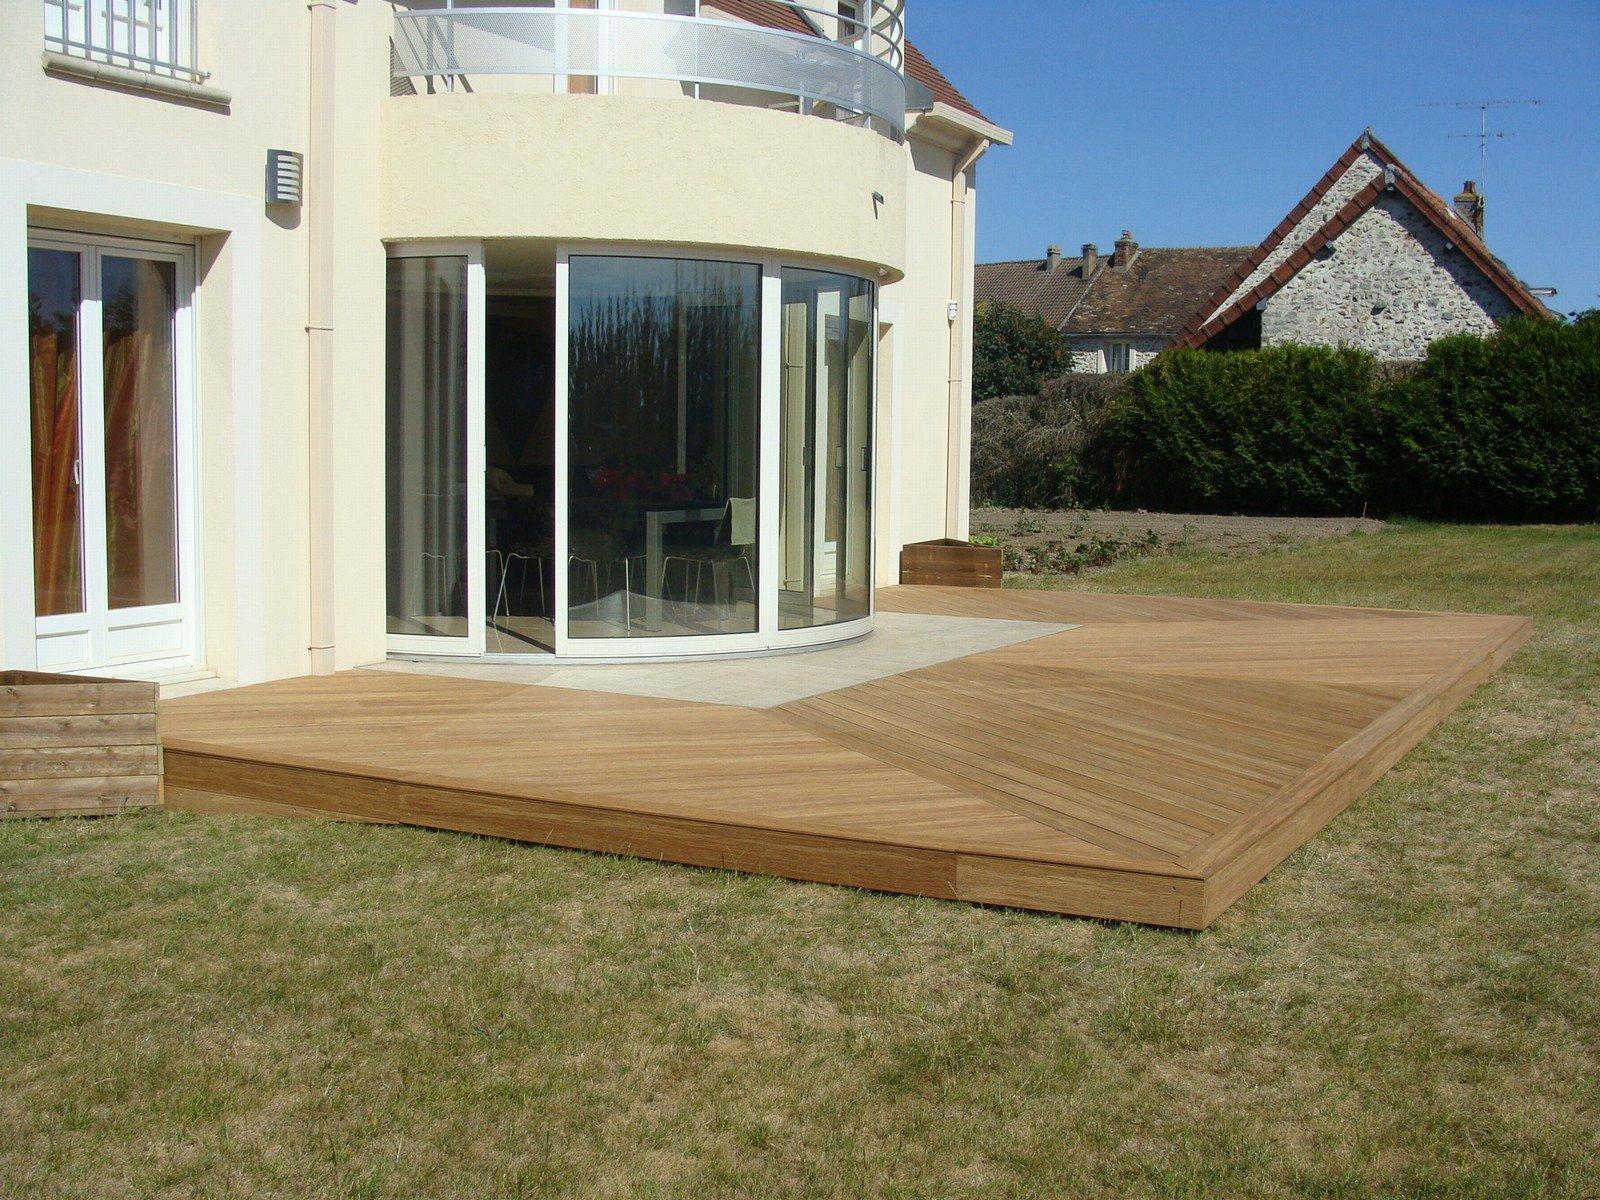 Vente Bois Pour Terrasse terrasses de normandie - terrasses en bois pour mobil home